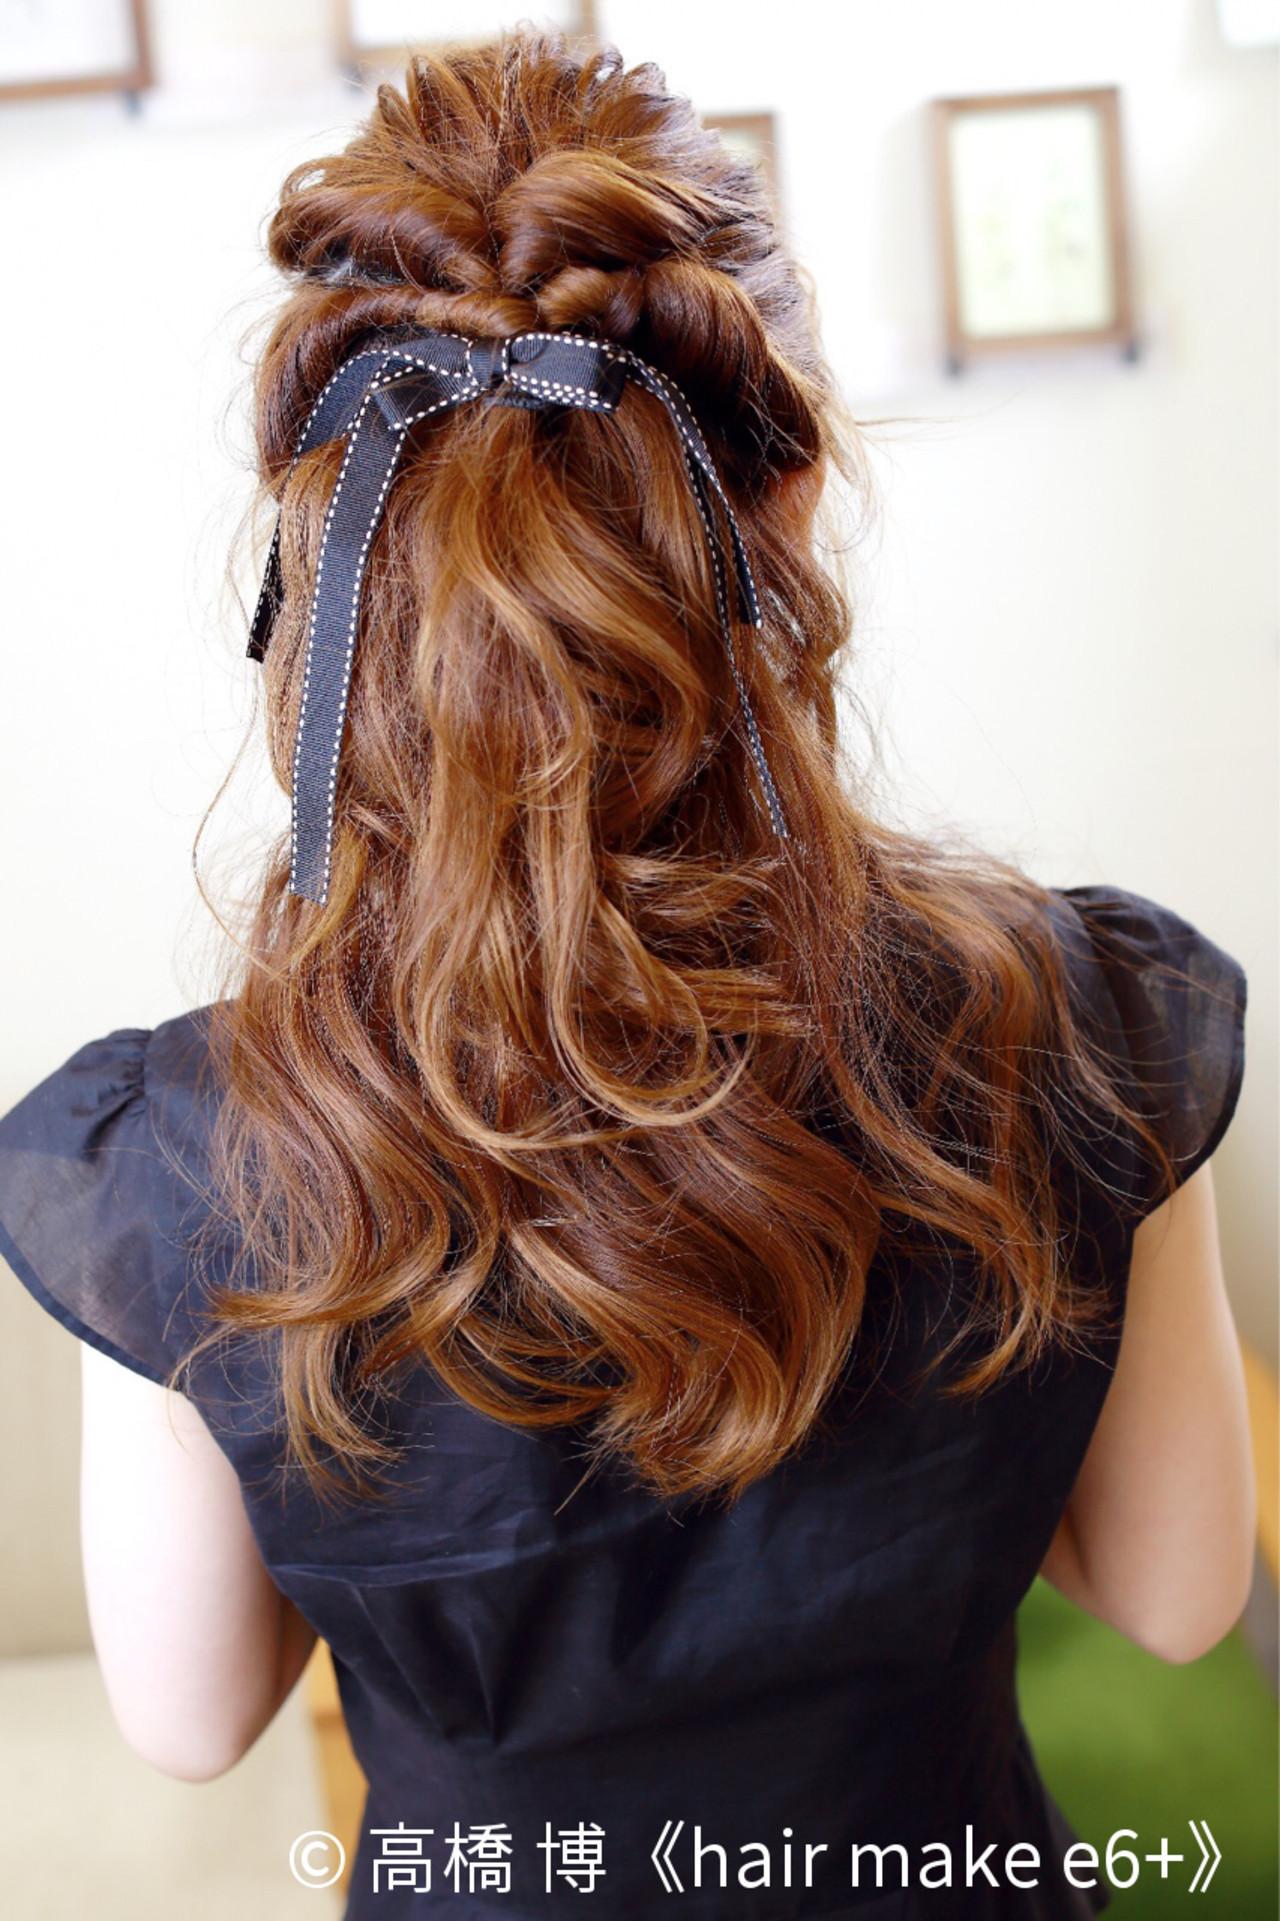 「ハーフアップ」×「くるりんぱ」で最強にモテるヘアアレンジ特集 高橋 博《hair make e6+》